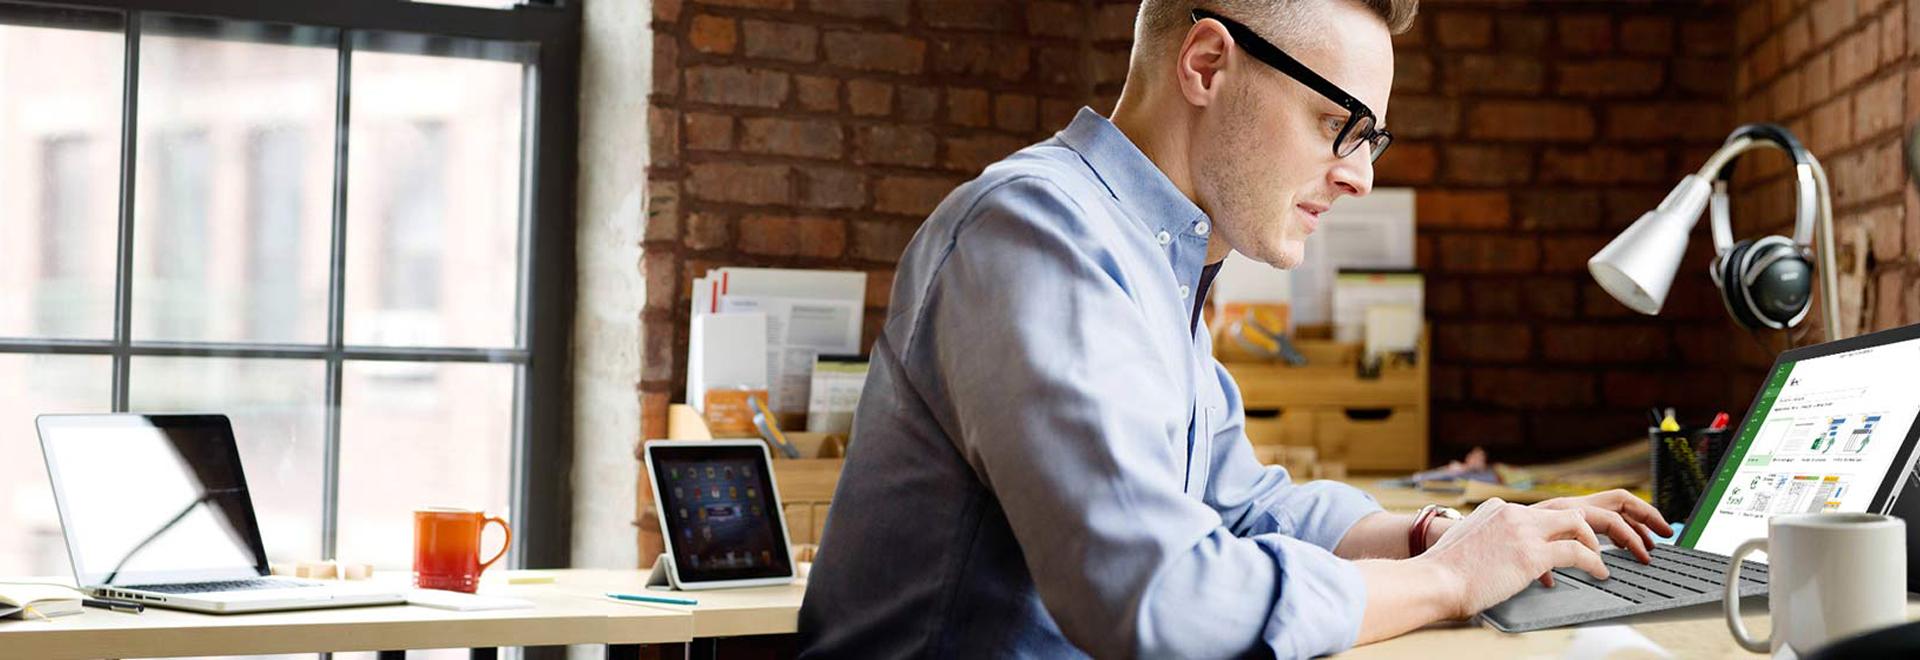 Egy asztalnál ülő férfi, aki egy Surface táblagépen a Microsoft Projectet használja.